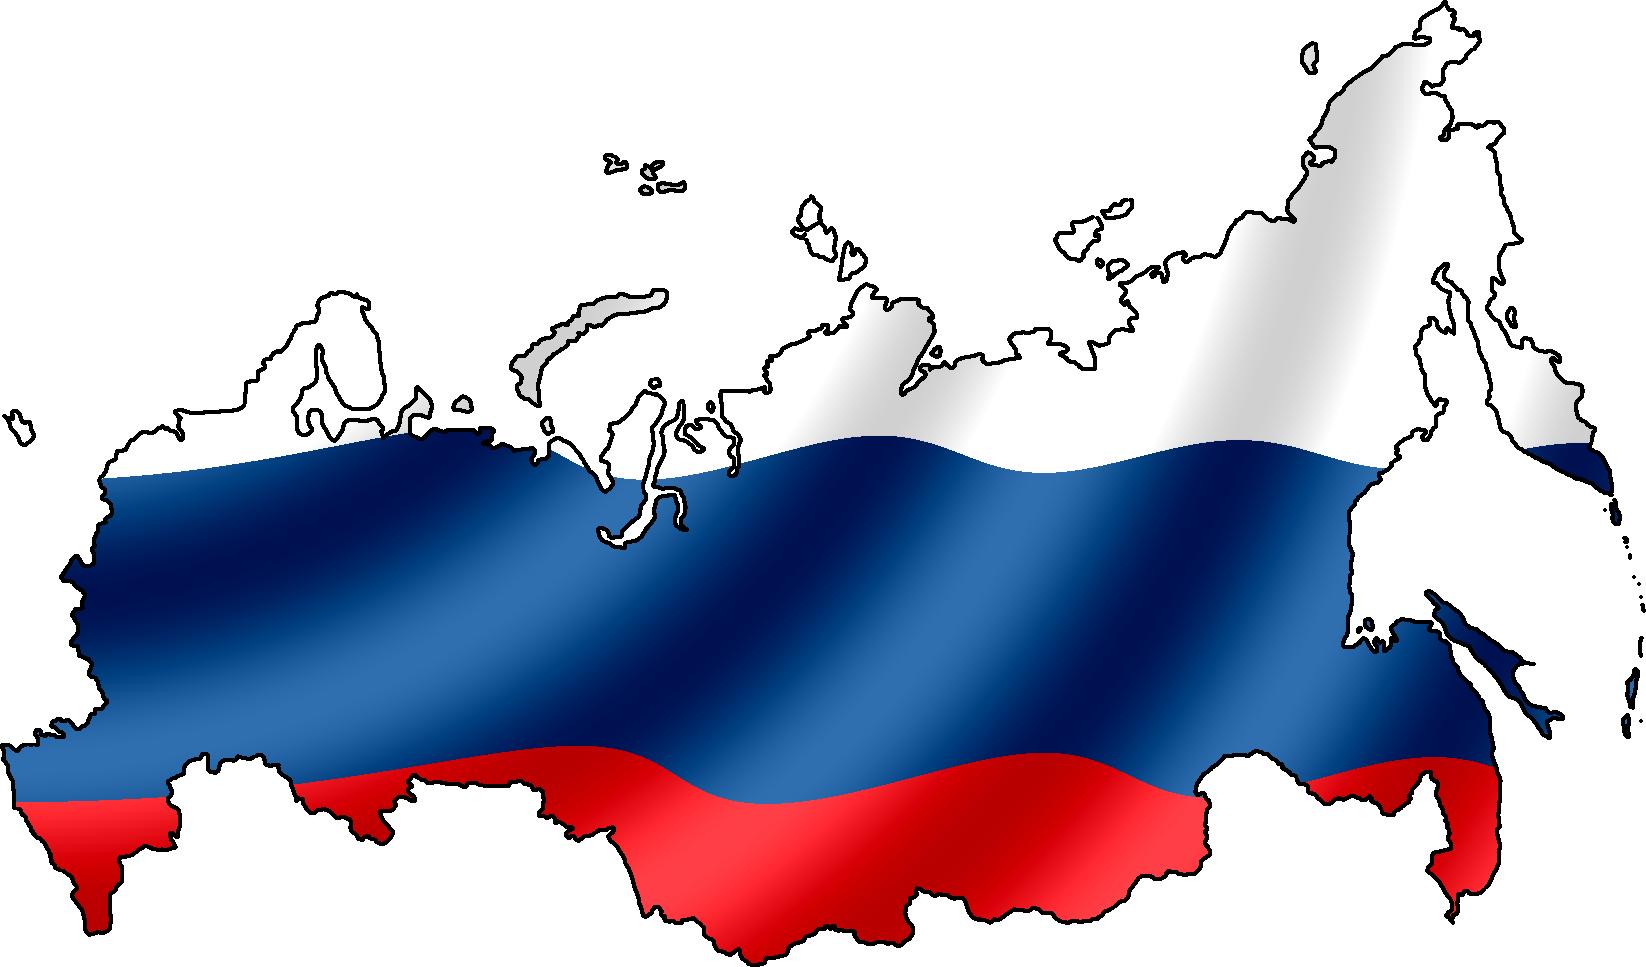 ... и работать в России легально | Back2Russia.com: back2russia.com/docs/kak-ukraintsu-zhit-i-rabotat-v-rossii-legalno